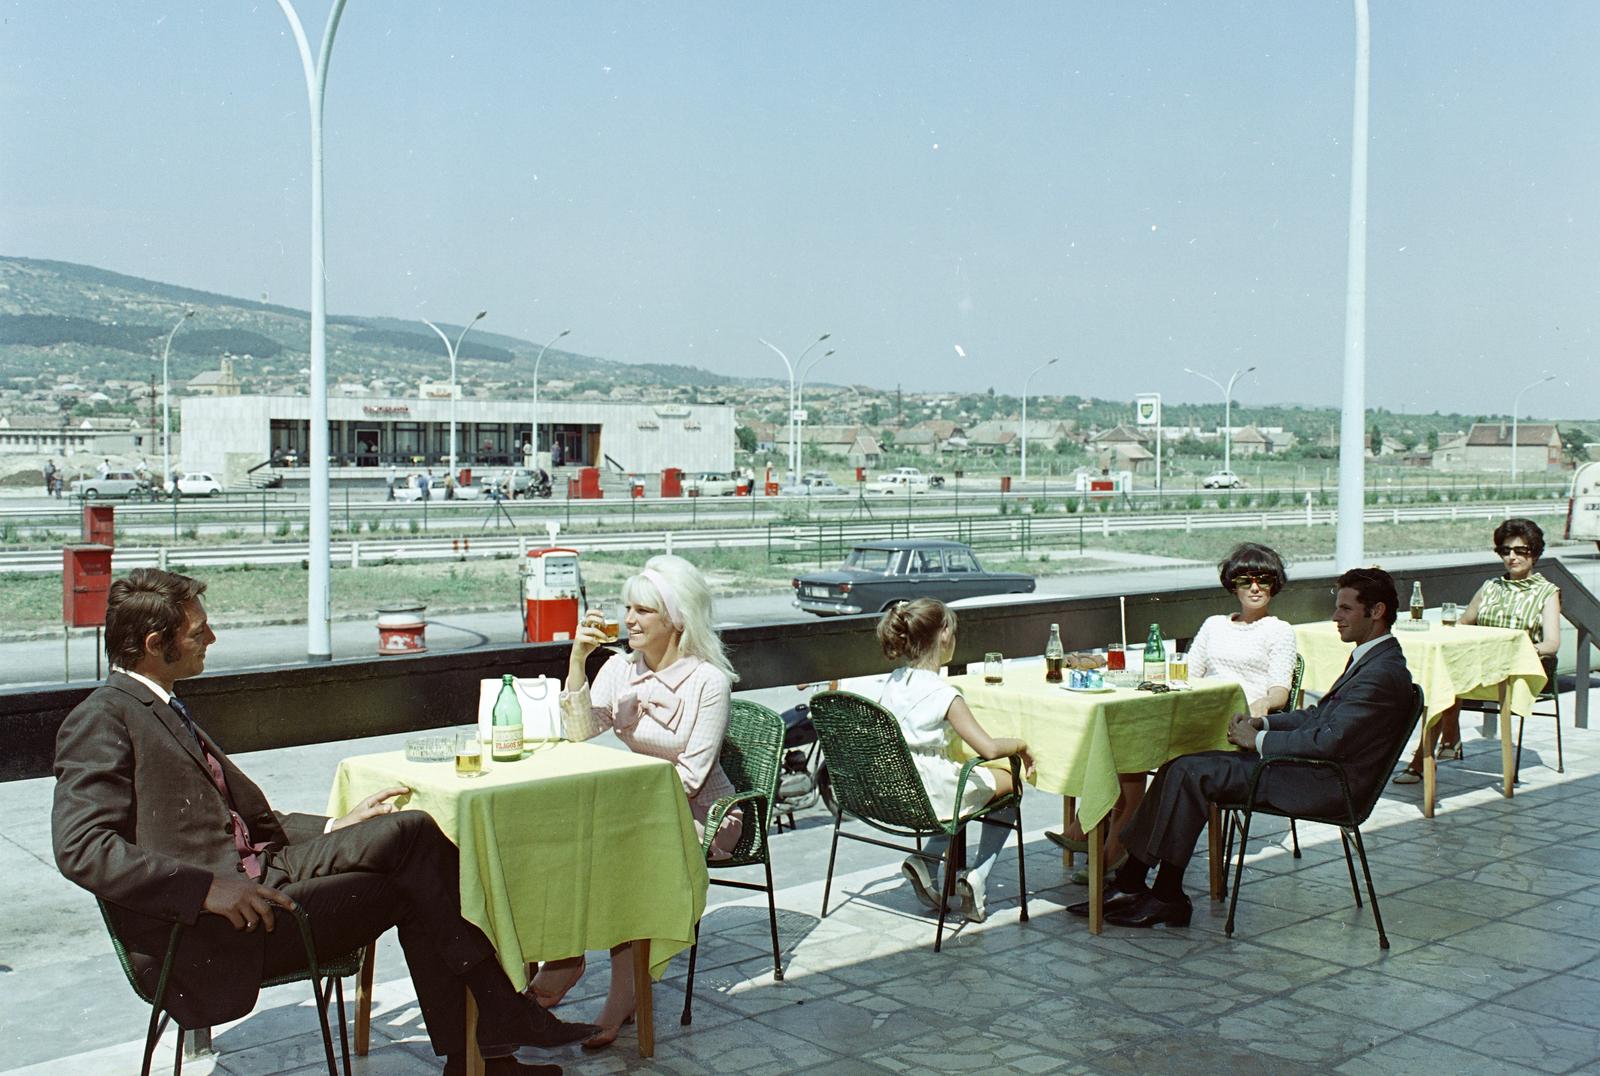 Fotó: Magyarország, 1969<br />Budaörs, benzinkút és étterem az M1-M7-es autópálya közös szakasza mellett.<br />Fortepan / FŐFOTÓ